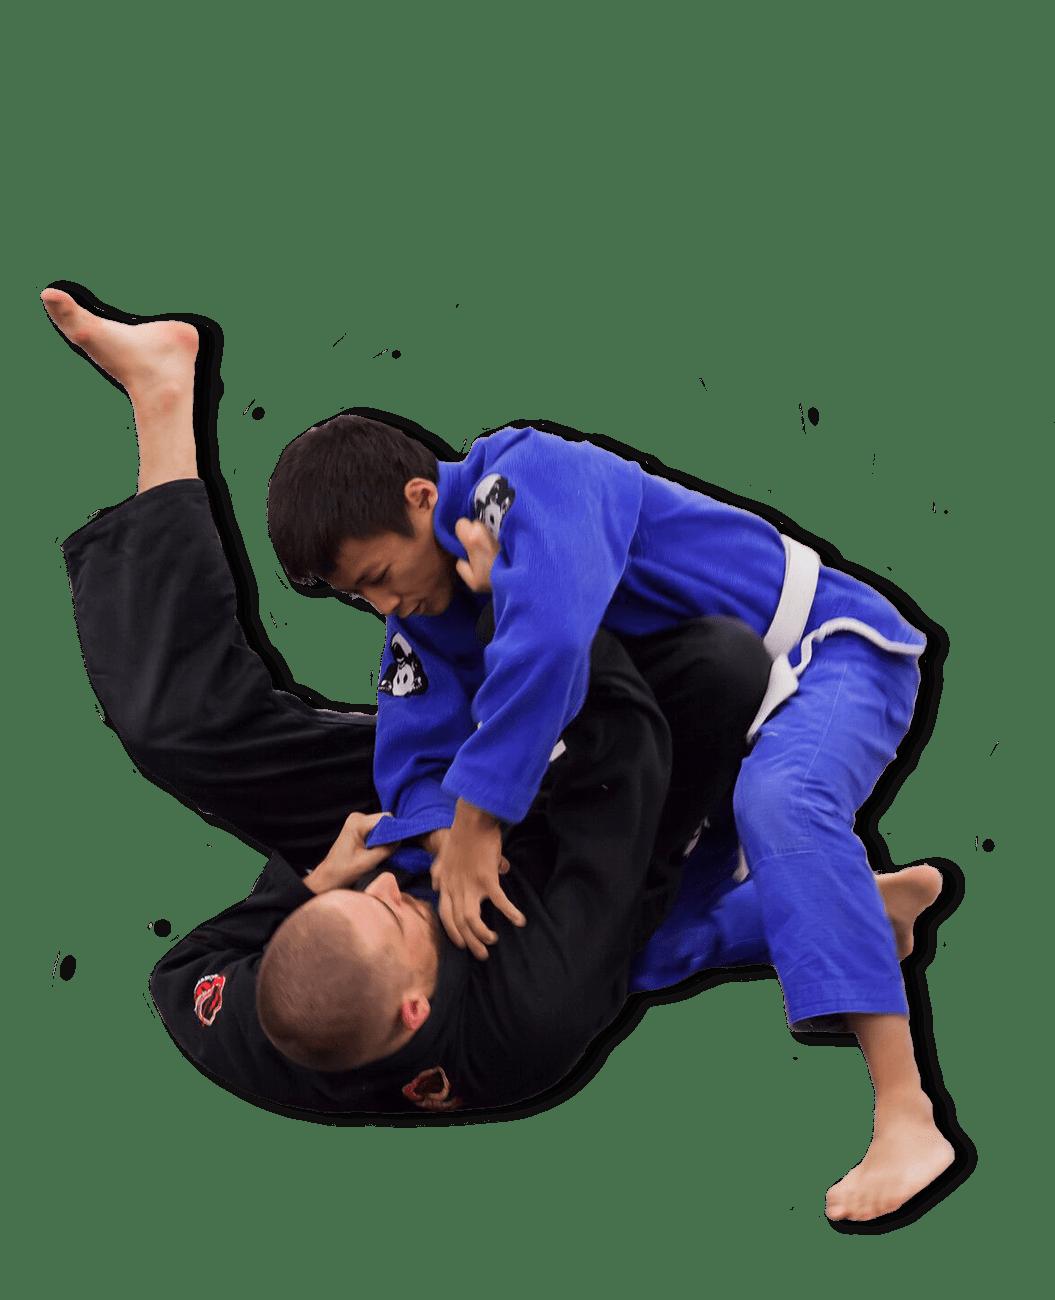 Two_men_bjj_BJJ Brazilian Jiu-Jitsu